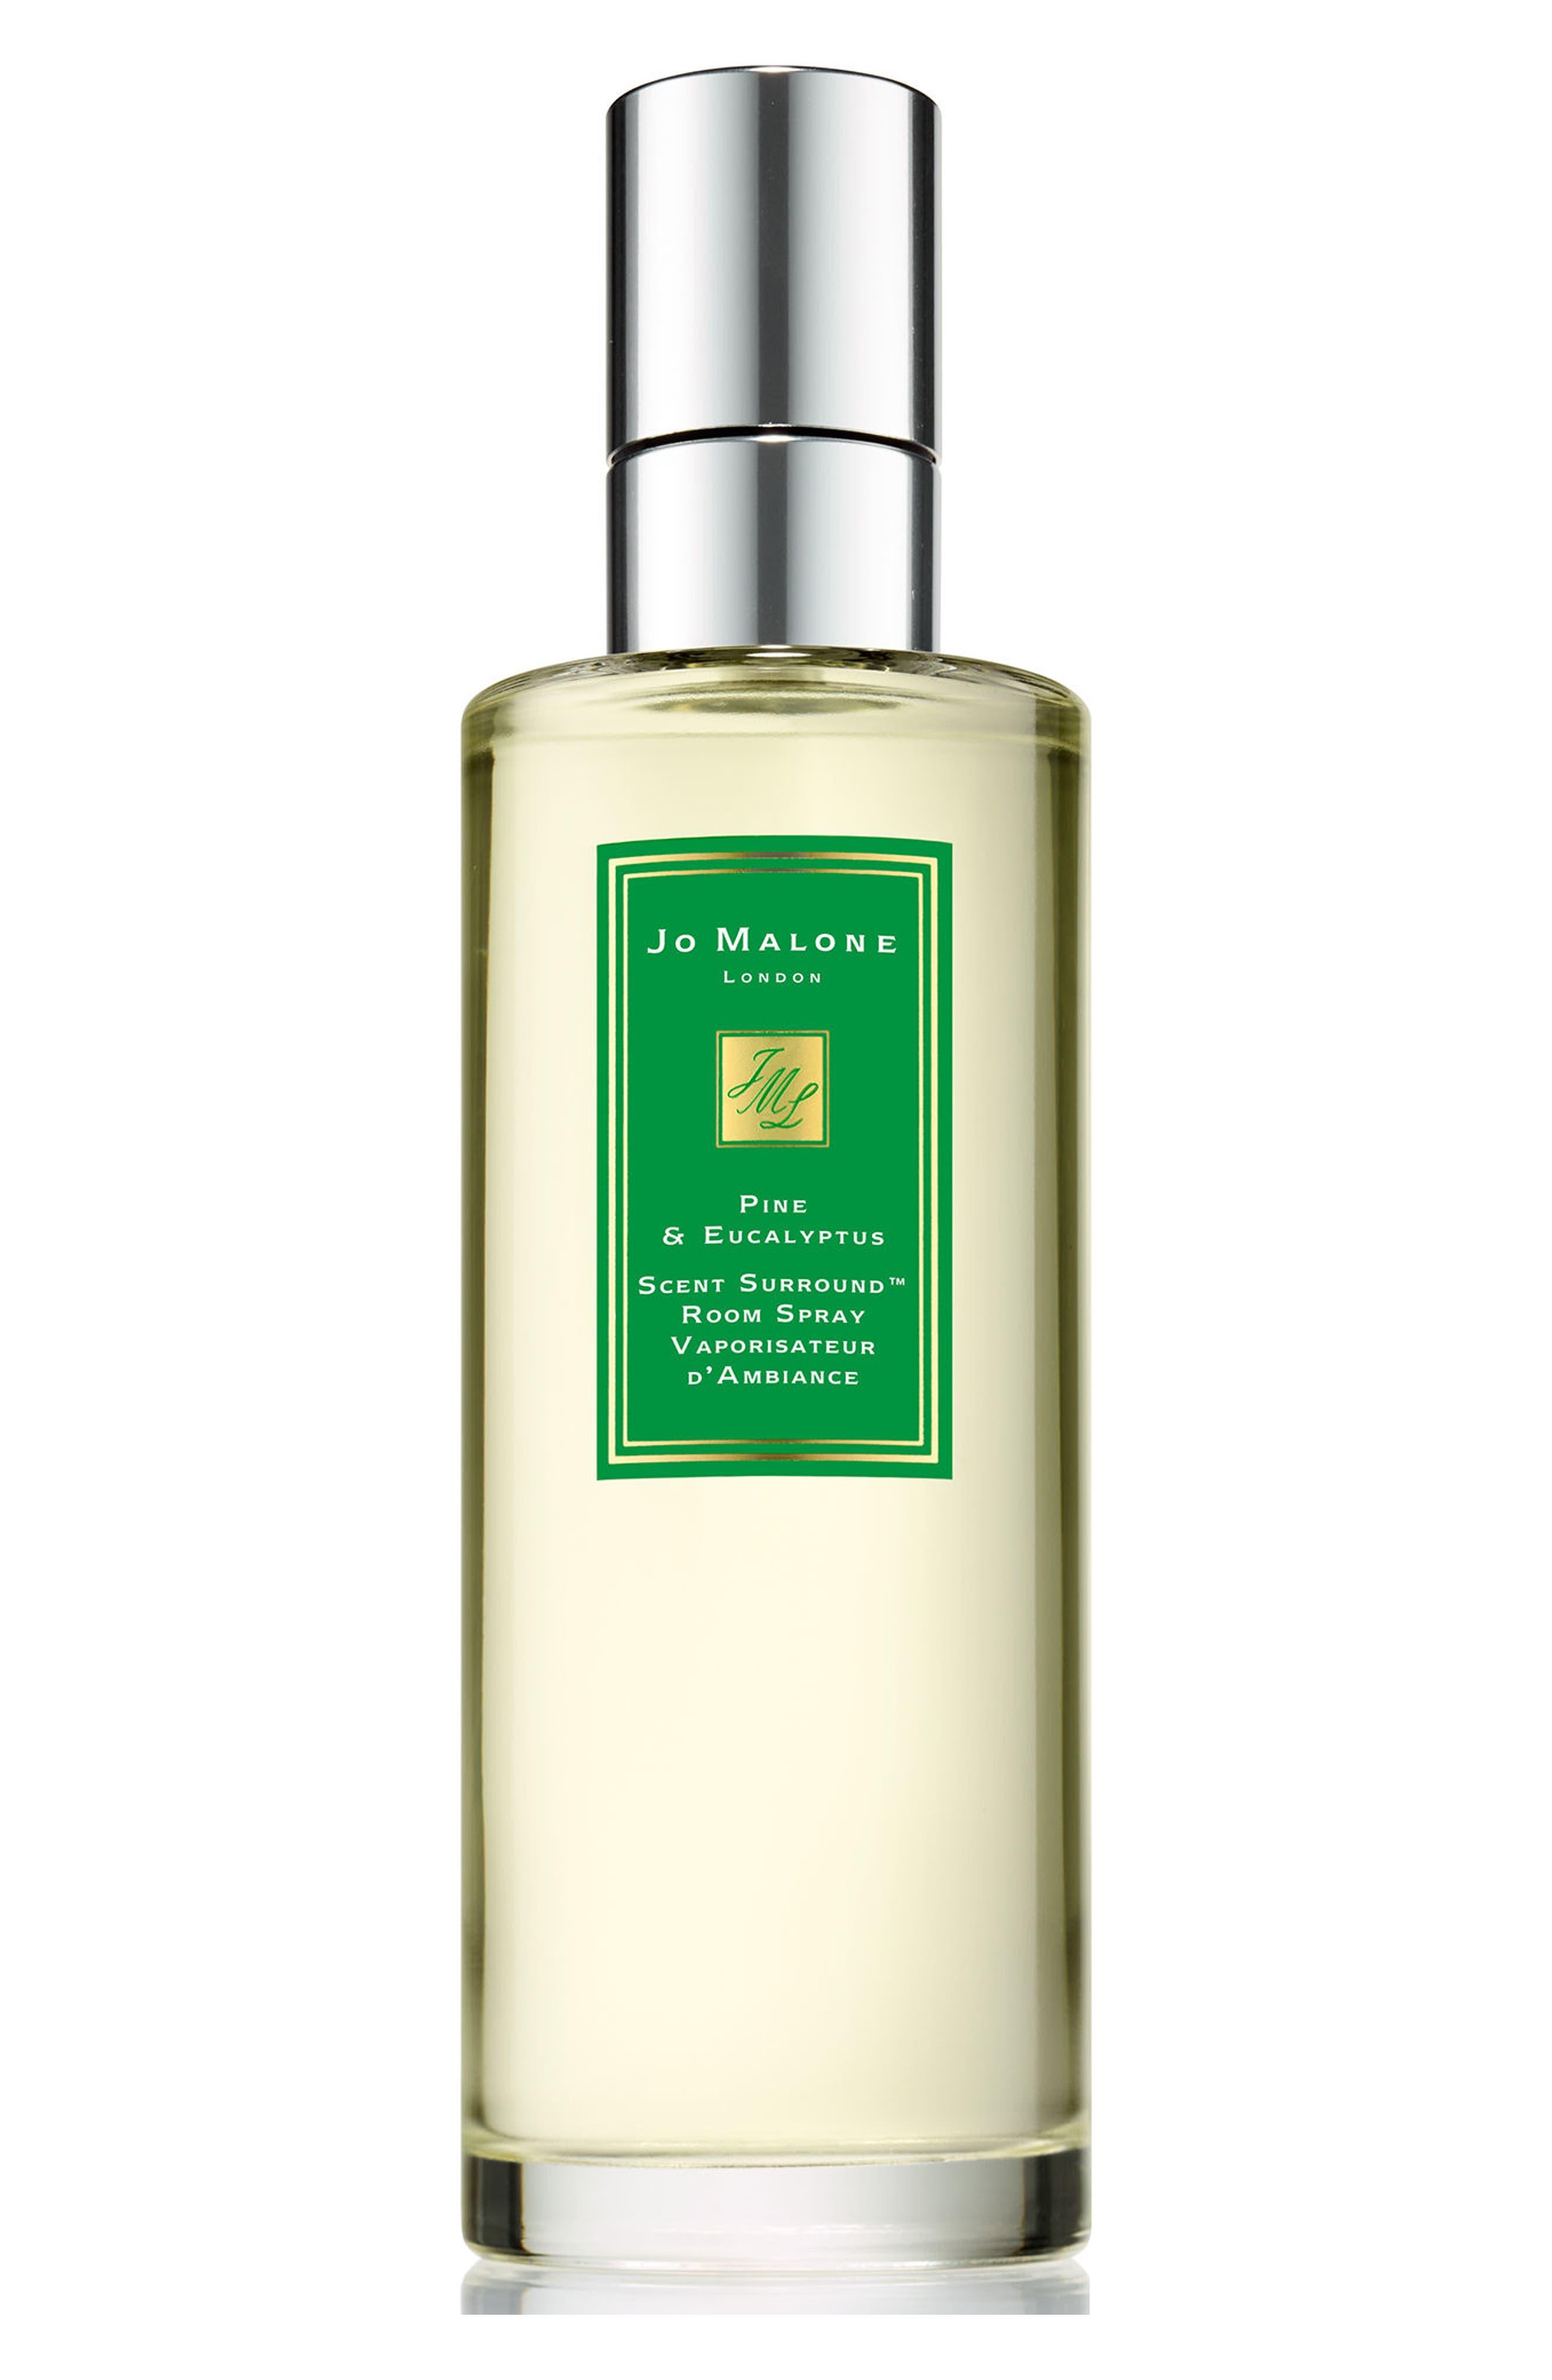 Jo Malone London™ Pine & Eucalyptus Room Spray